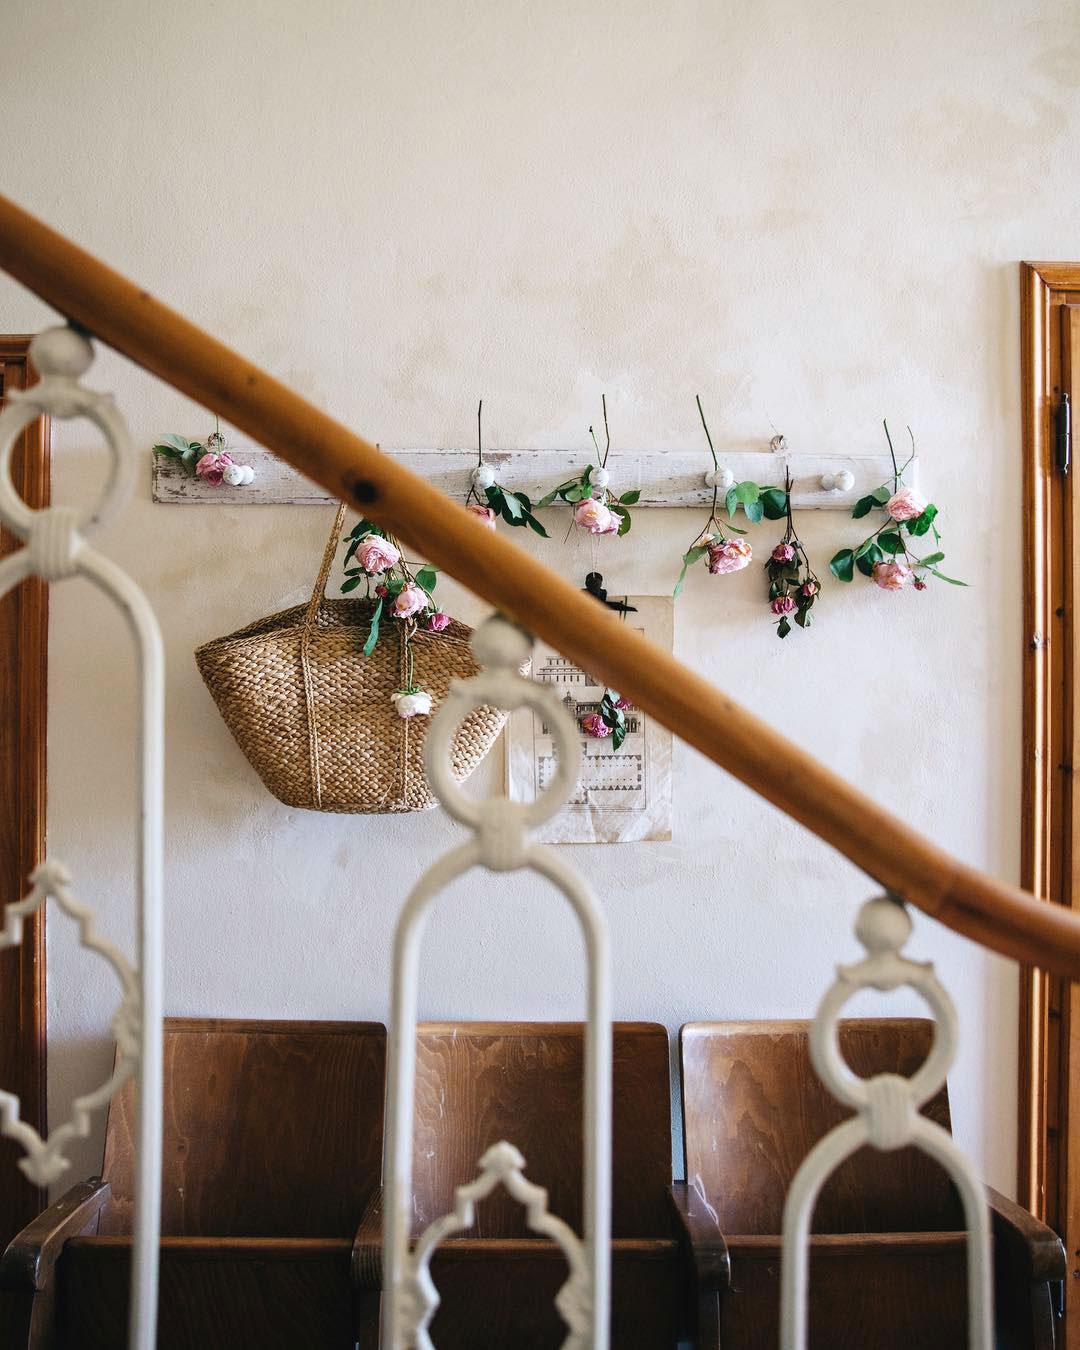 maison style italien escalier fer forgé porte manteau roses panier osier sièges bois - blog déco - clem around the corner